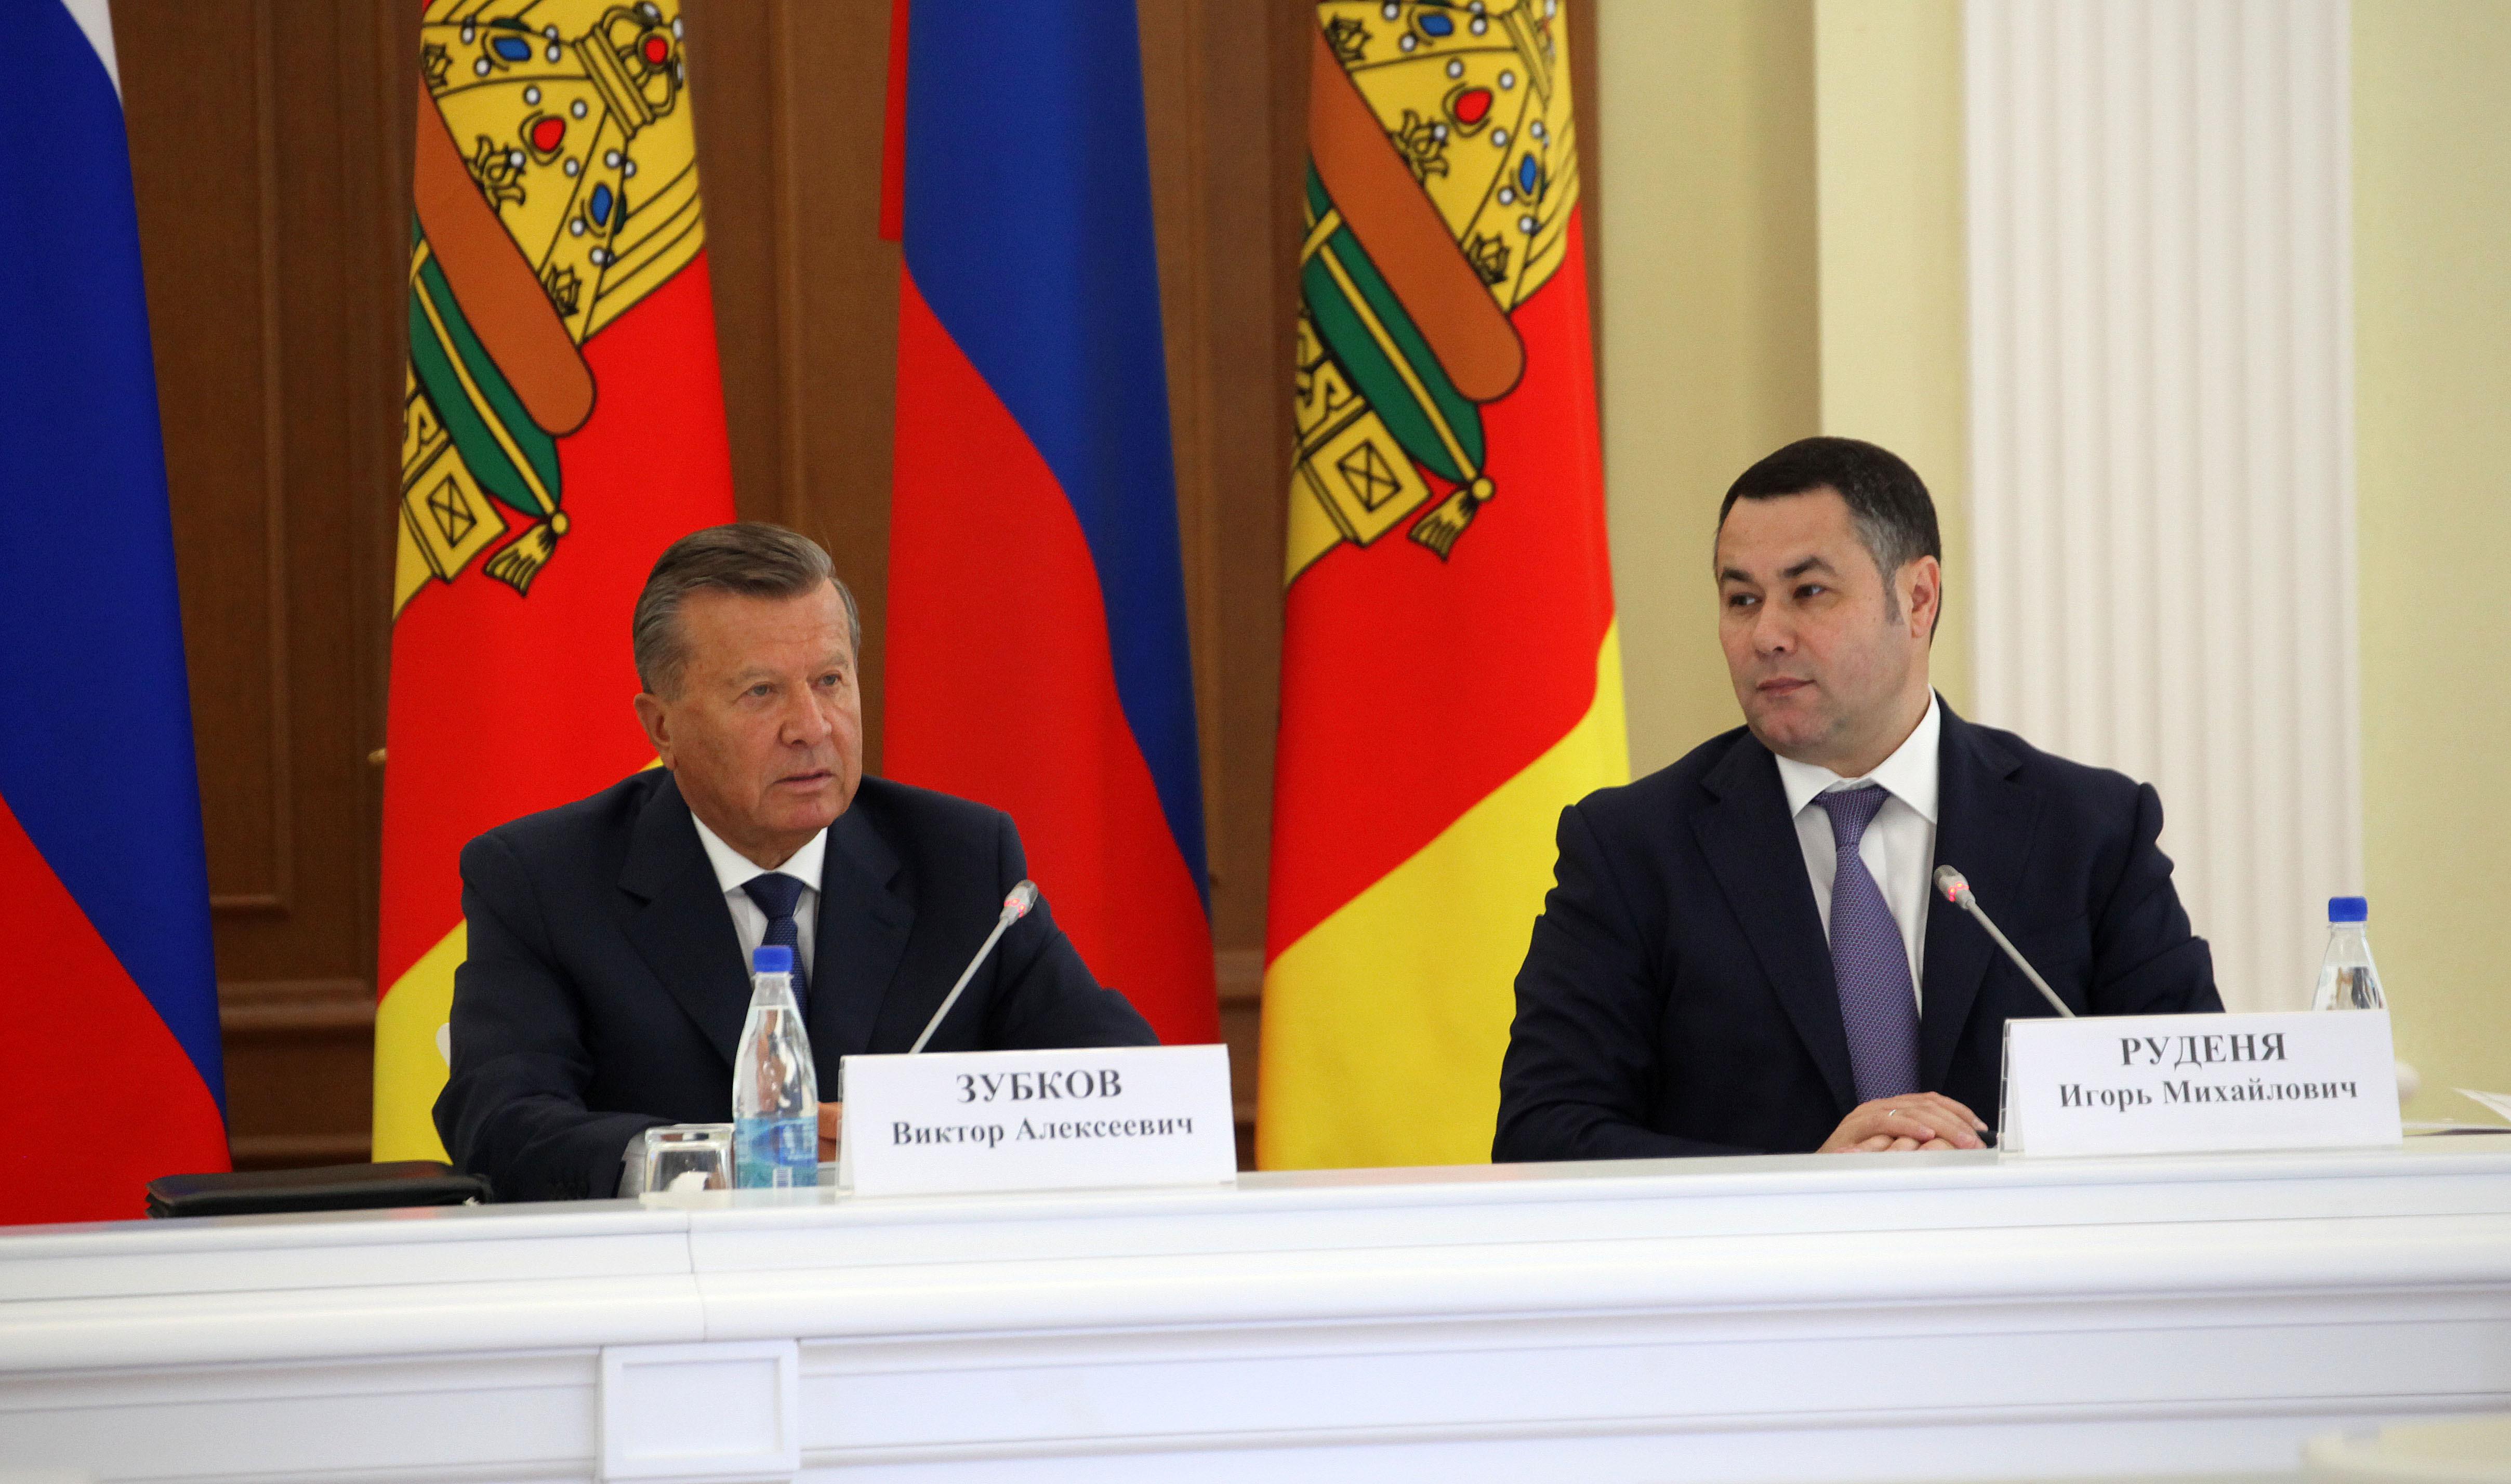 Долги загаз покупателей Тверской области превысили 11 млрд руб.